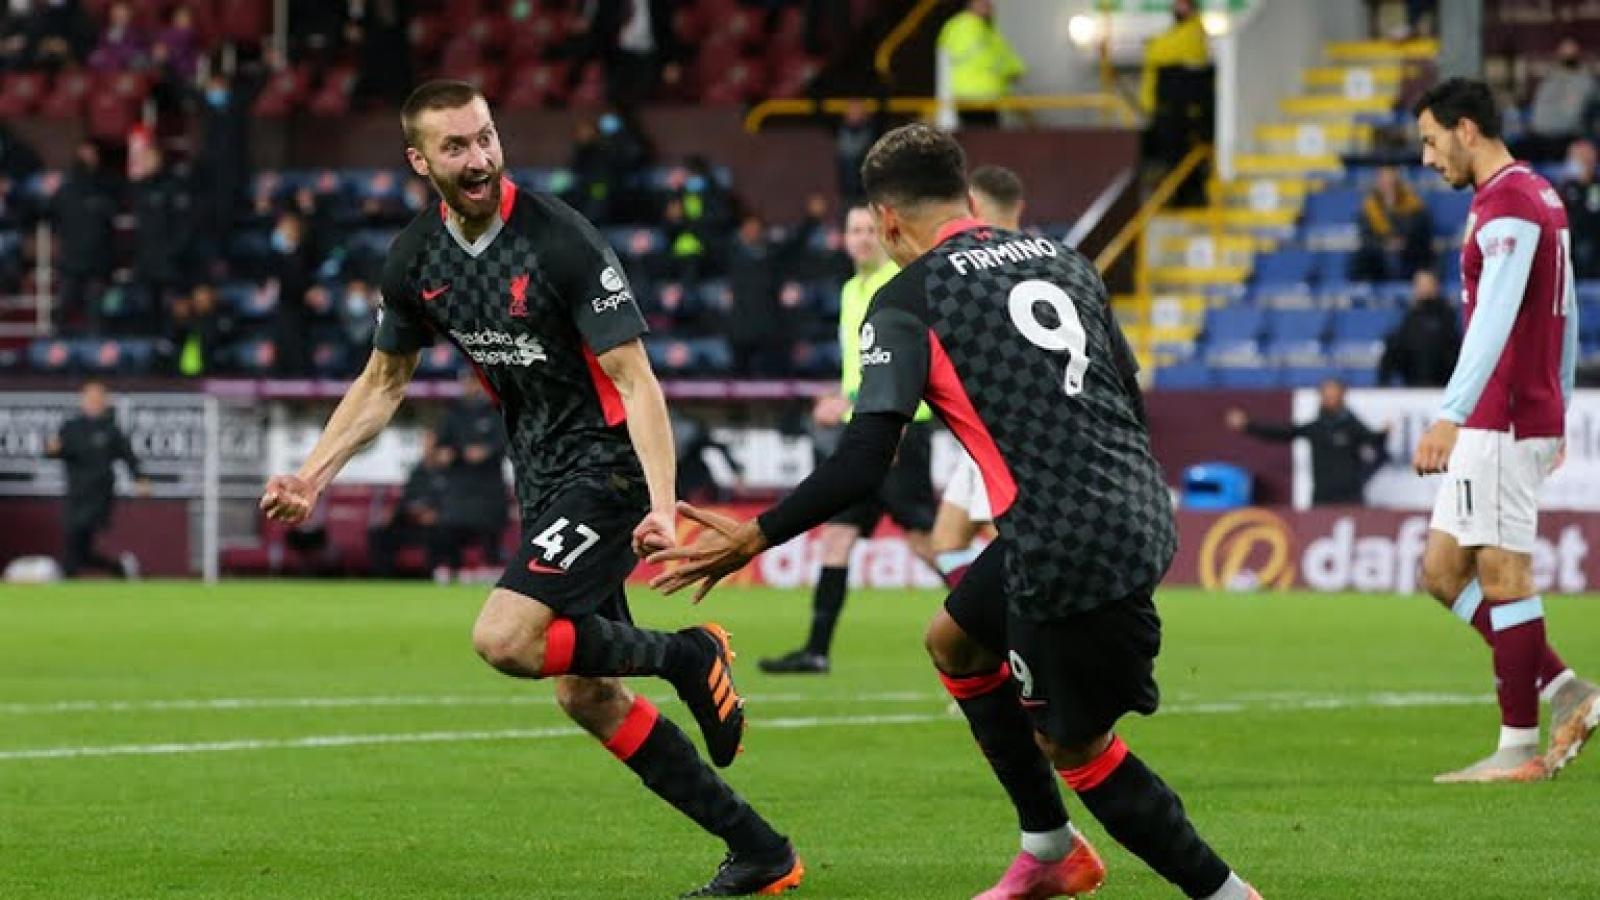 Bảng xếp hạng Ngoại hạng Anh sau vòng 37: Liverpool vào tốp 4, Leicester City nguy to